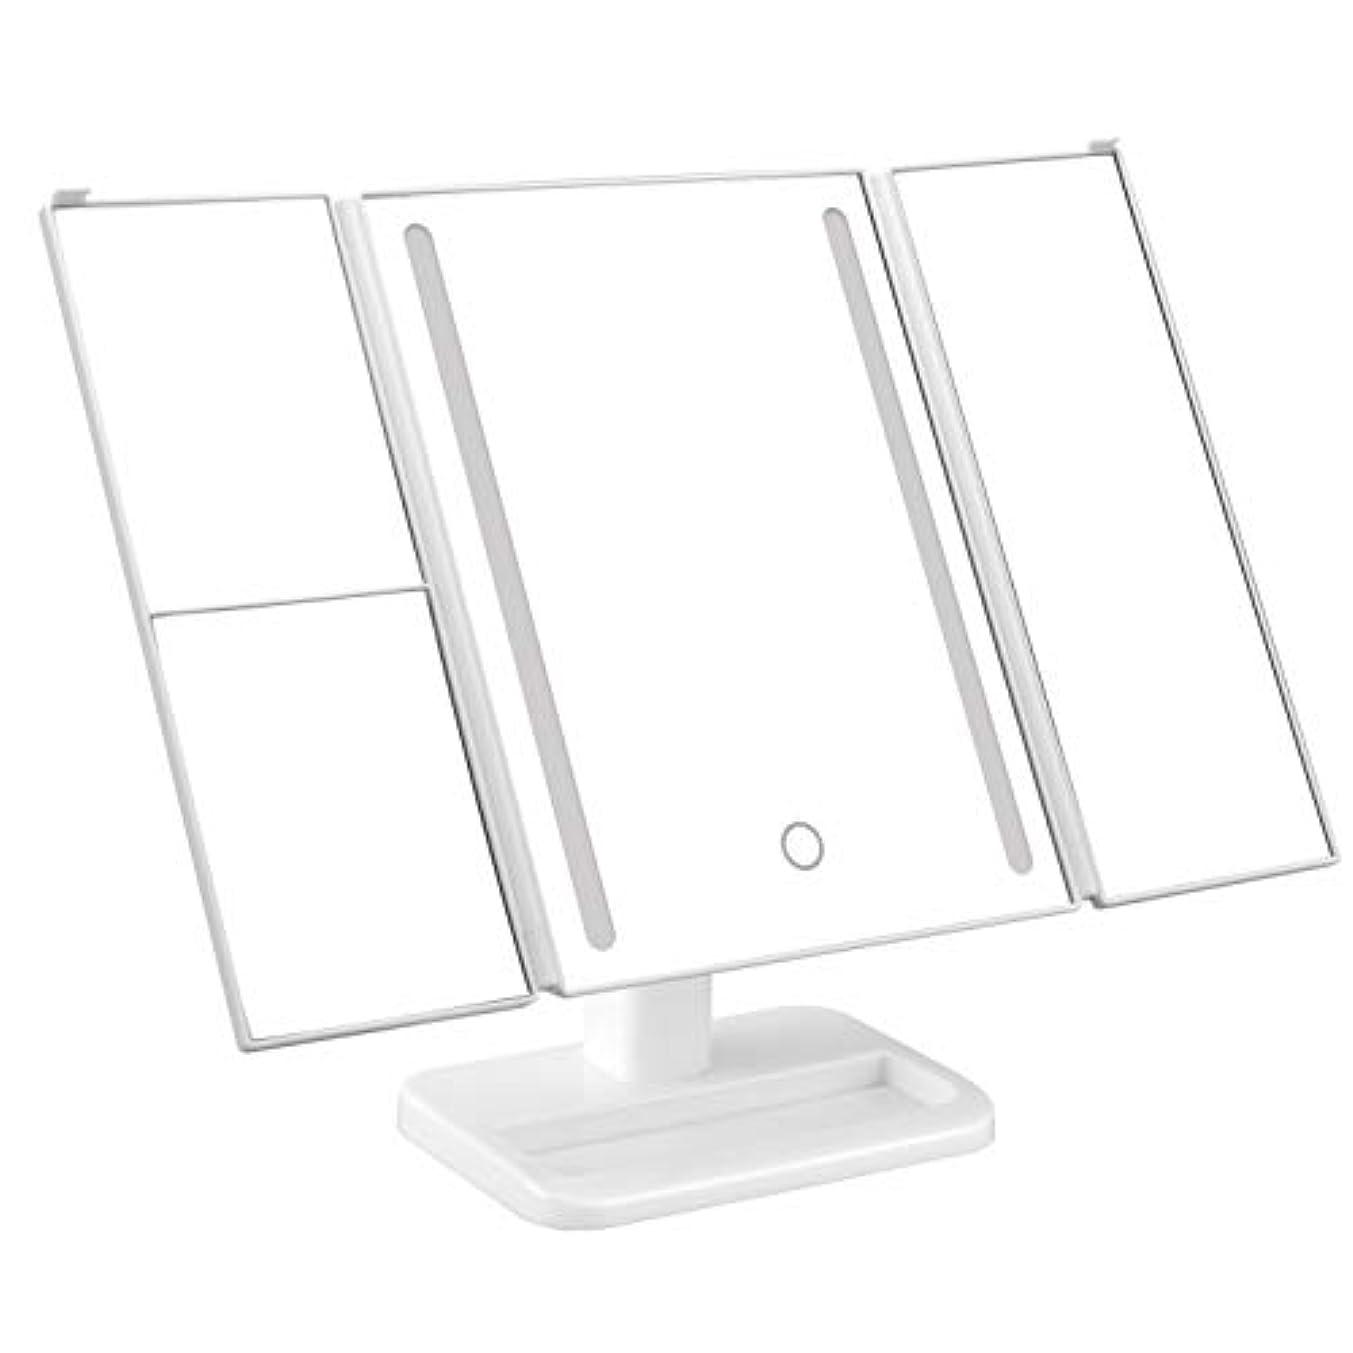 系譜ゴルフあざ50灯LEDライト三面鏡 2倍&3倍拡大鏡 卓上・卓上ミラー・化粧鏡・スタンドミラー・led・カガミ・かがみ・メイク・メイクミラー・化粧・化粧台・折りたたみ式・コンパクト・タッチ式・乾電池・USB対応・パソコンから給電可/50灯LEDライト三面鏡 (ホワイト)